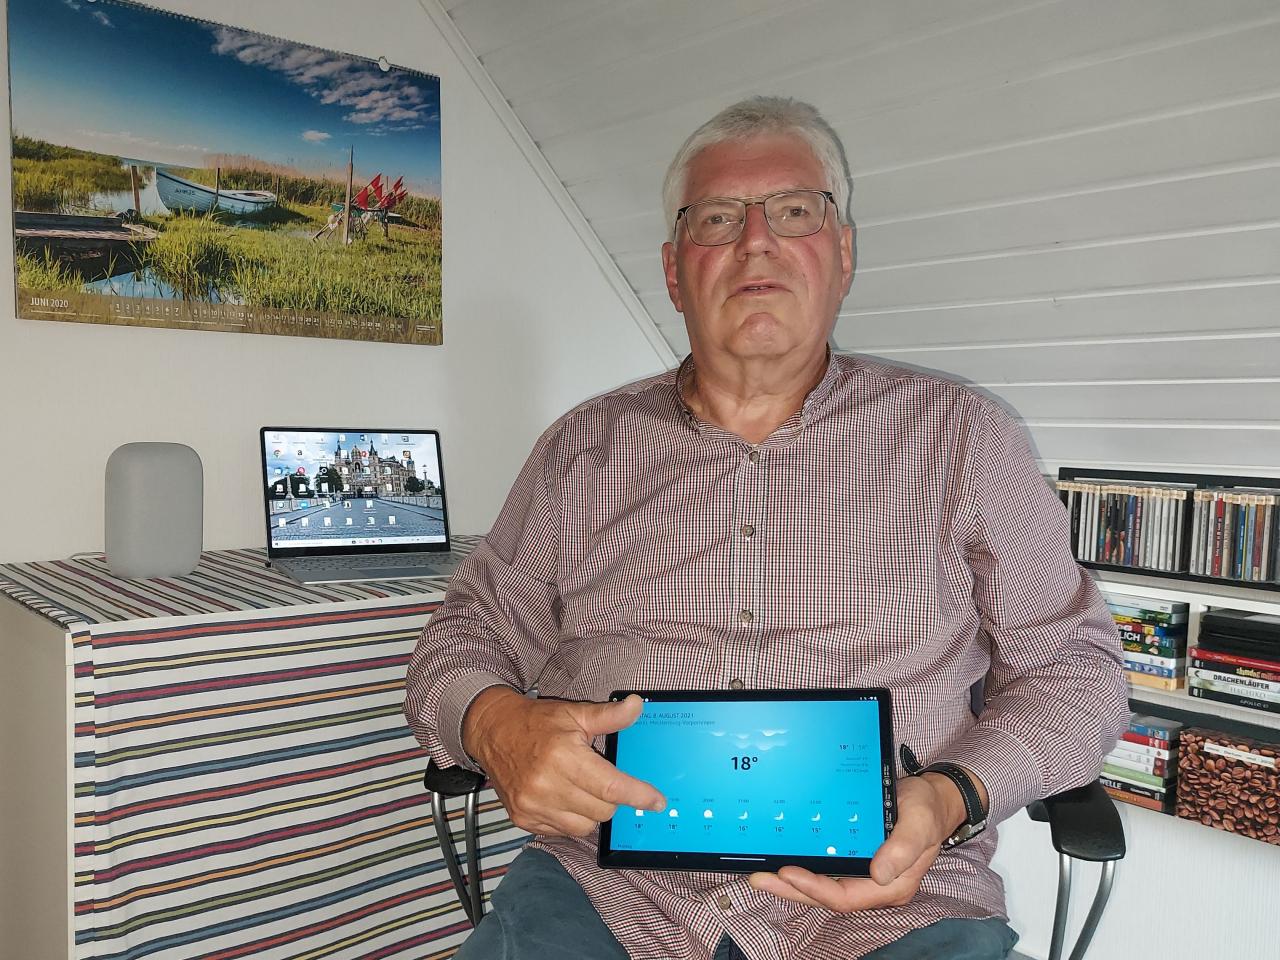 Mann präsentiert Smart Speaker mit BIldschirm